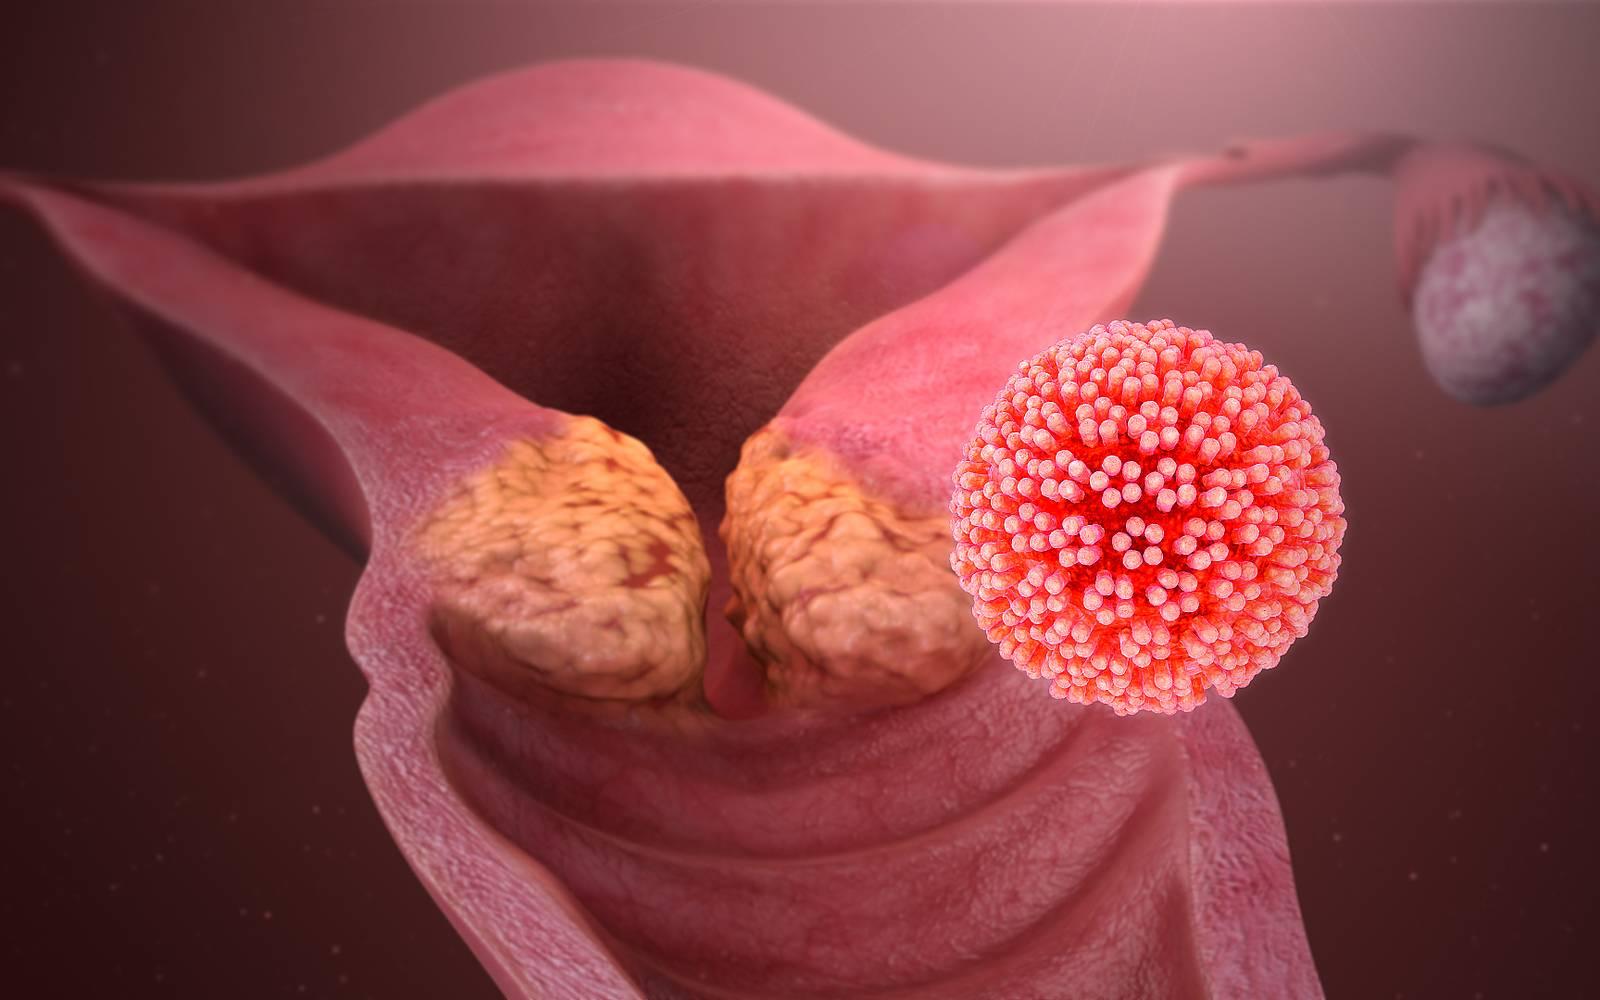 кондиломы и рак матки